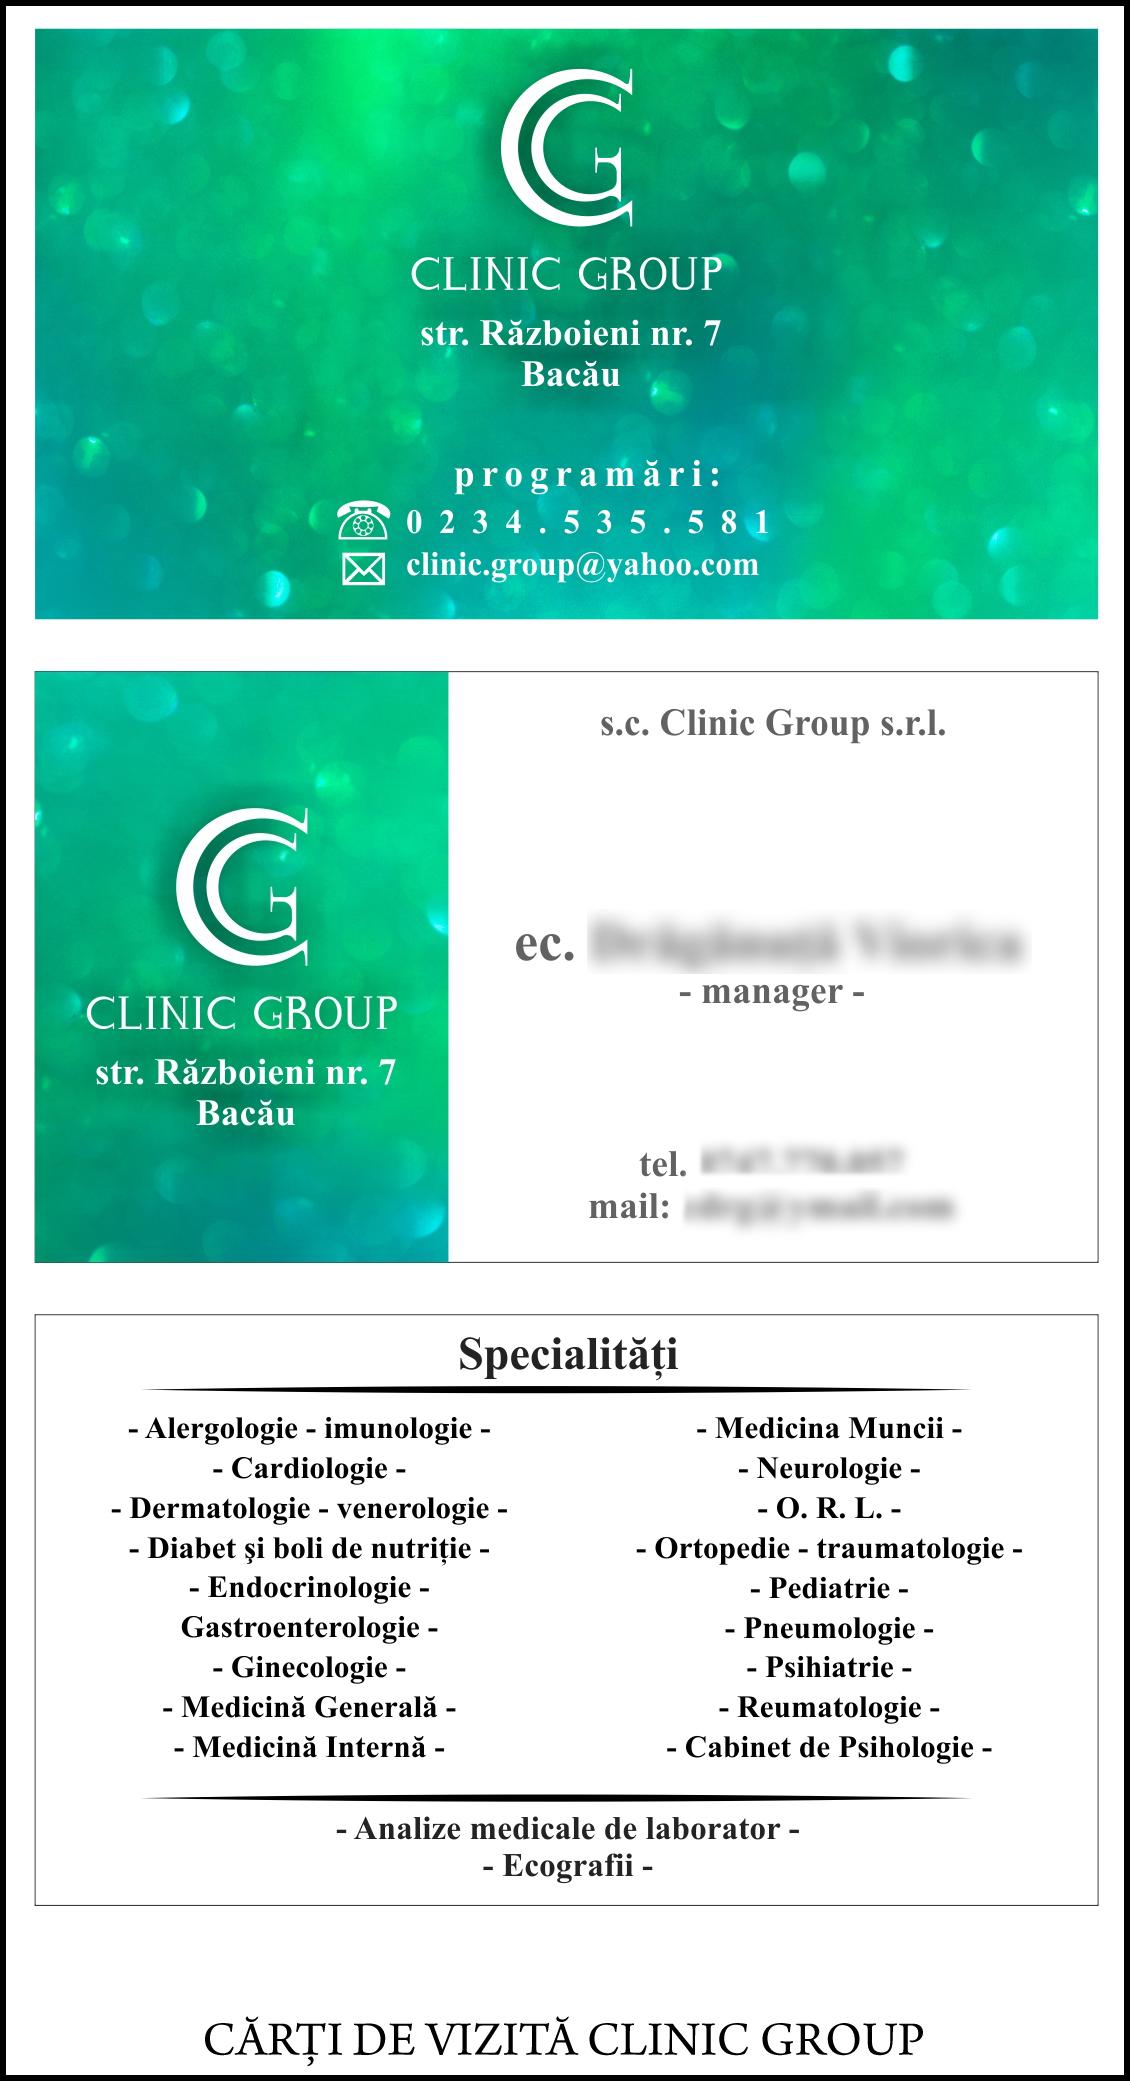 Carti de vizita Clinic Group